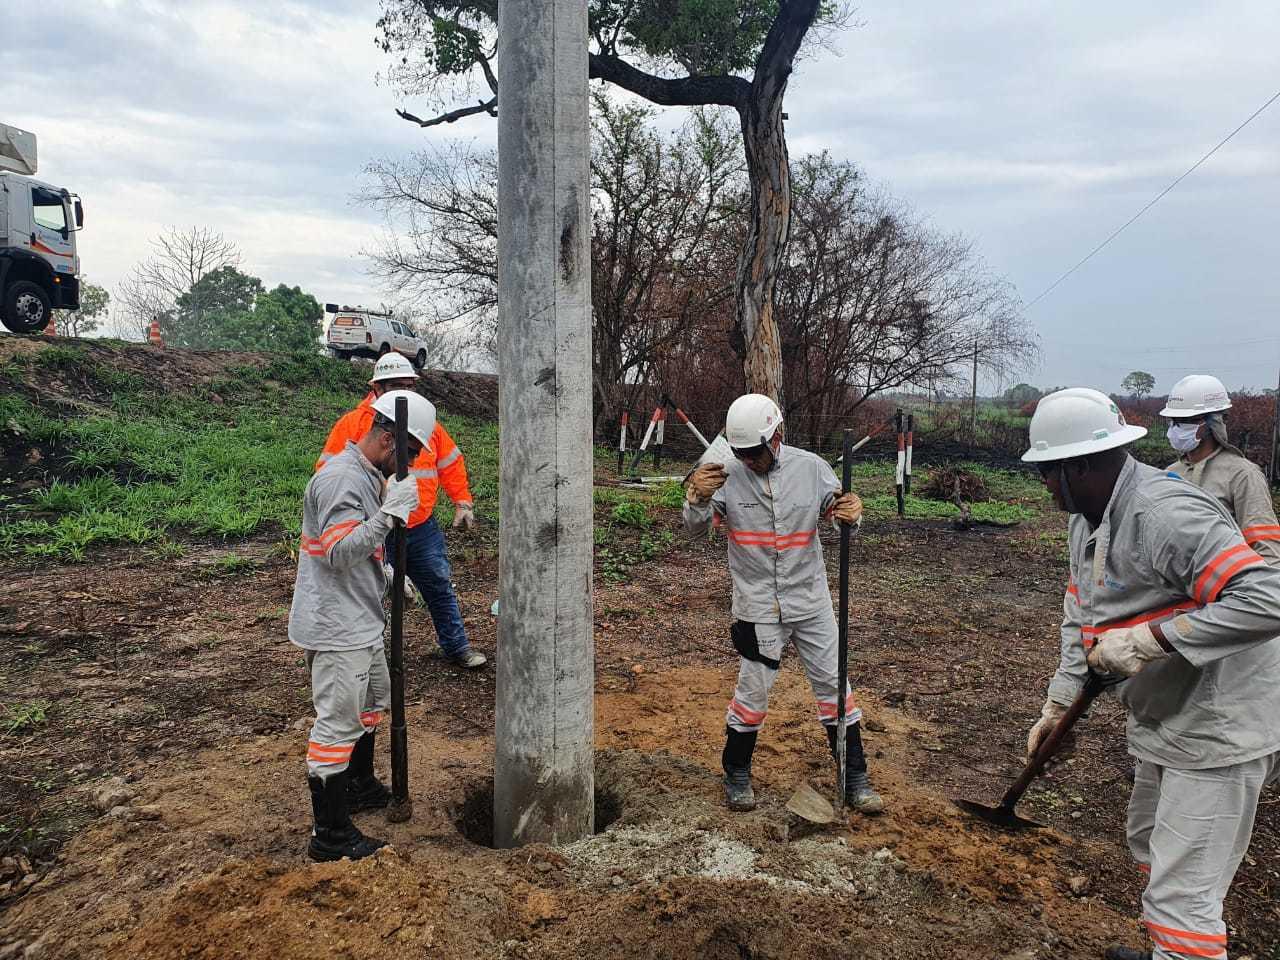 Equipes trabalhando para instalar estrutura que dá suporte para ninho (Foto: Divulgação/Energisa)